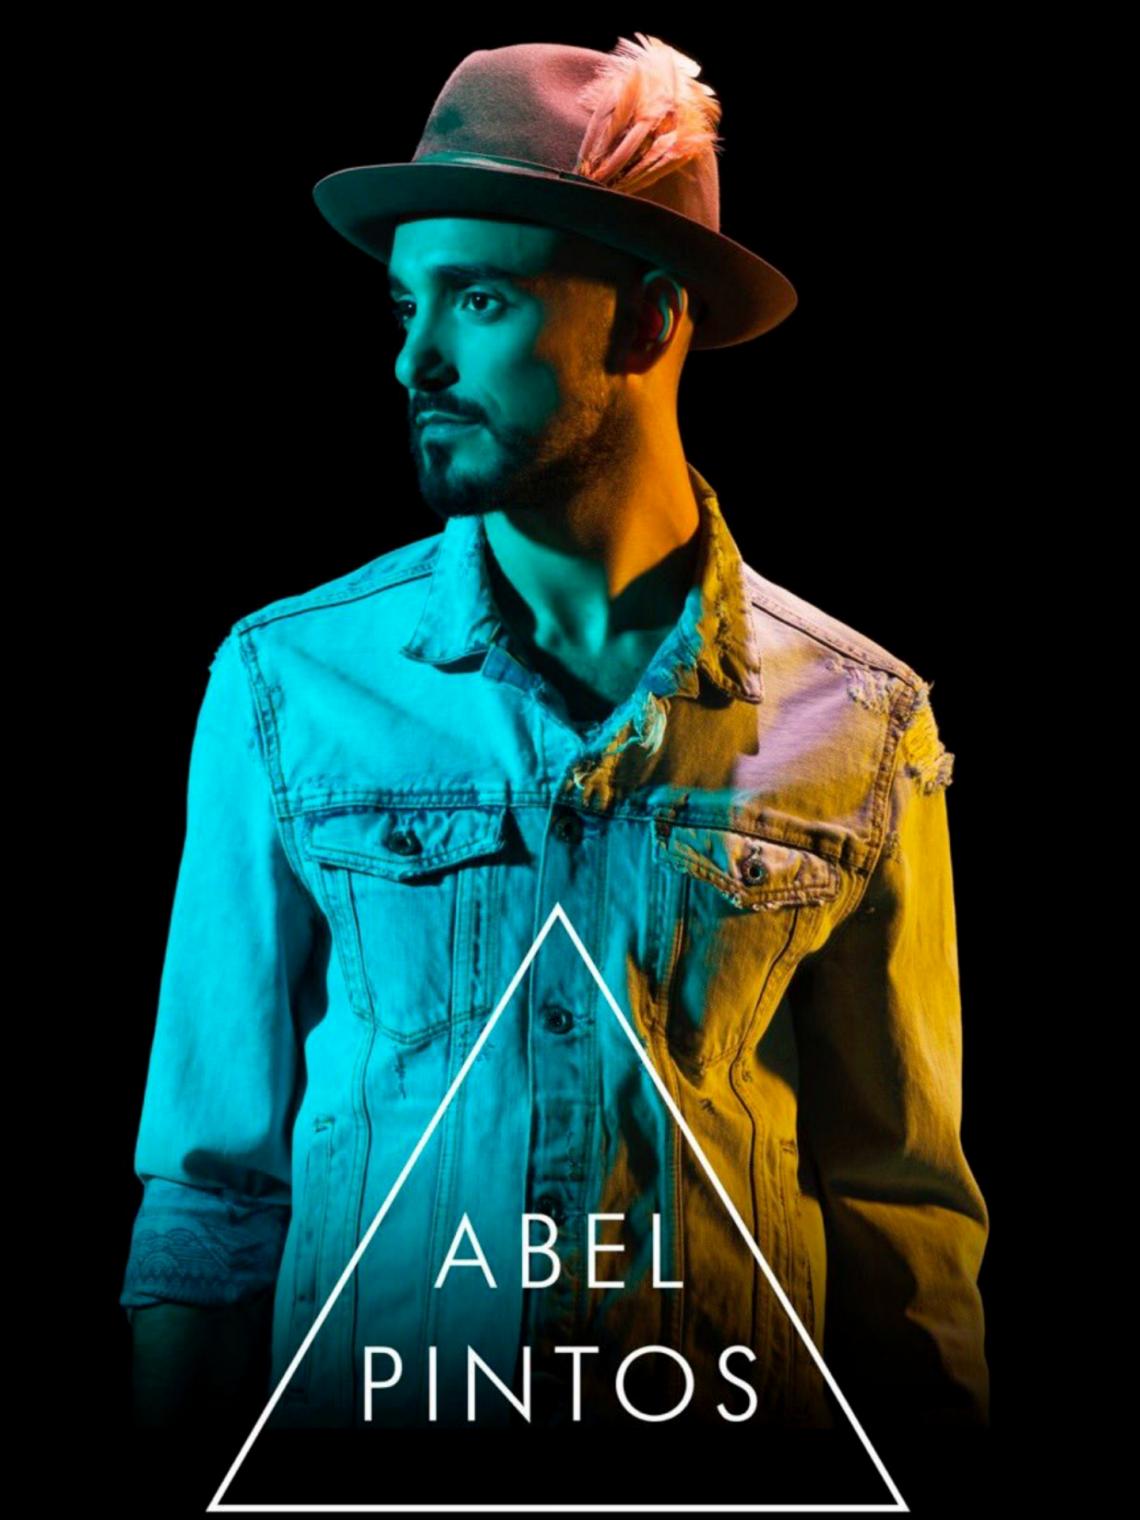 Abel Pintos arrasa en los premios más importantes de la música argentina